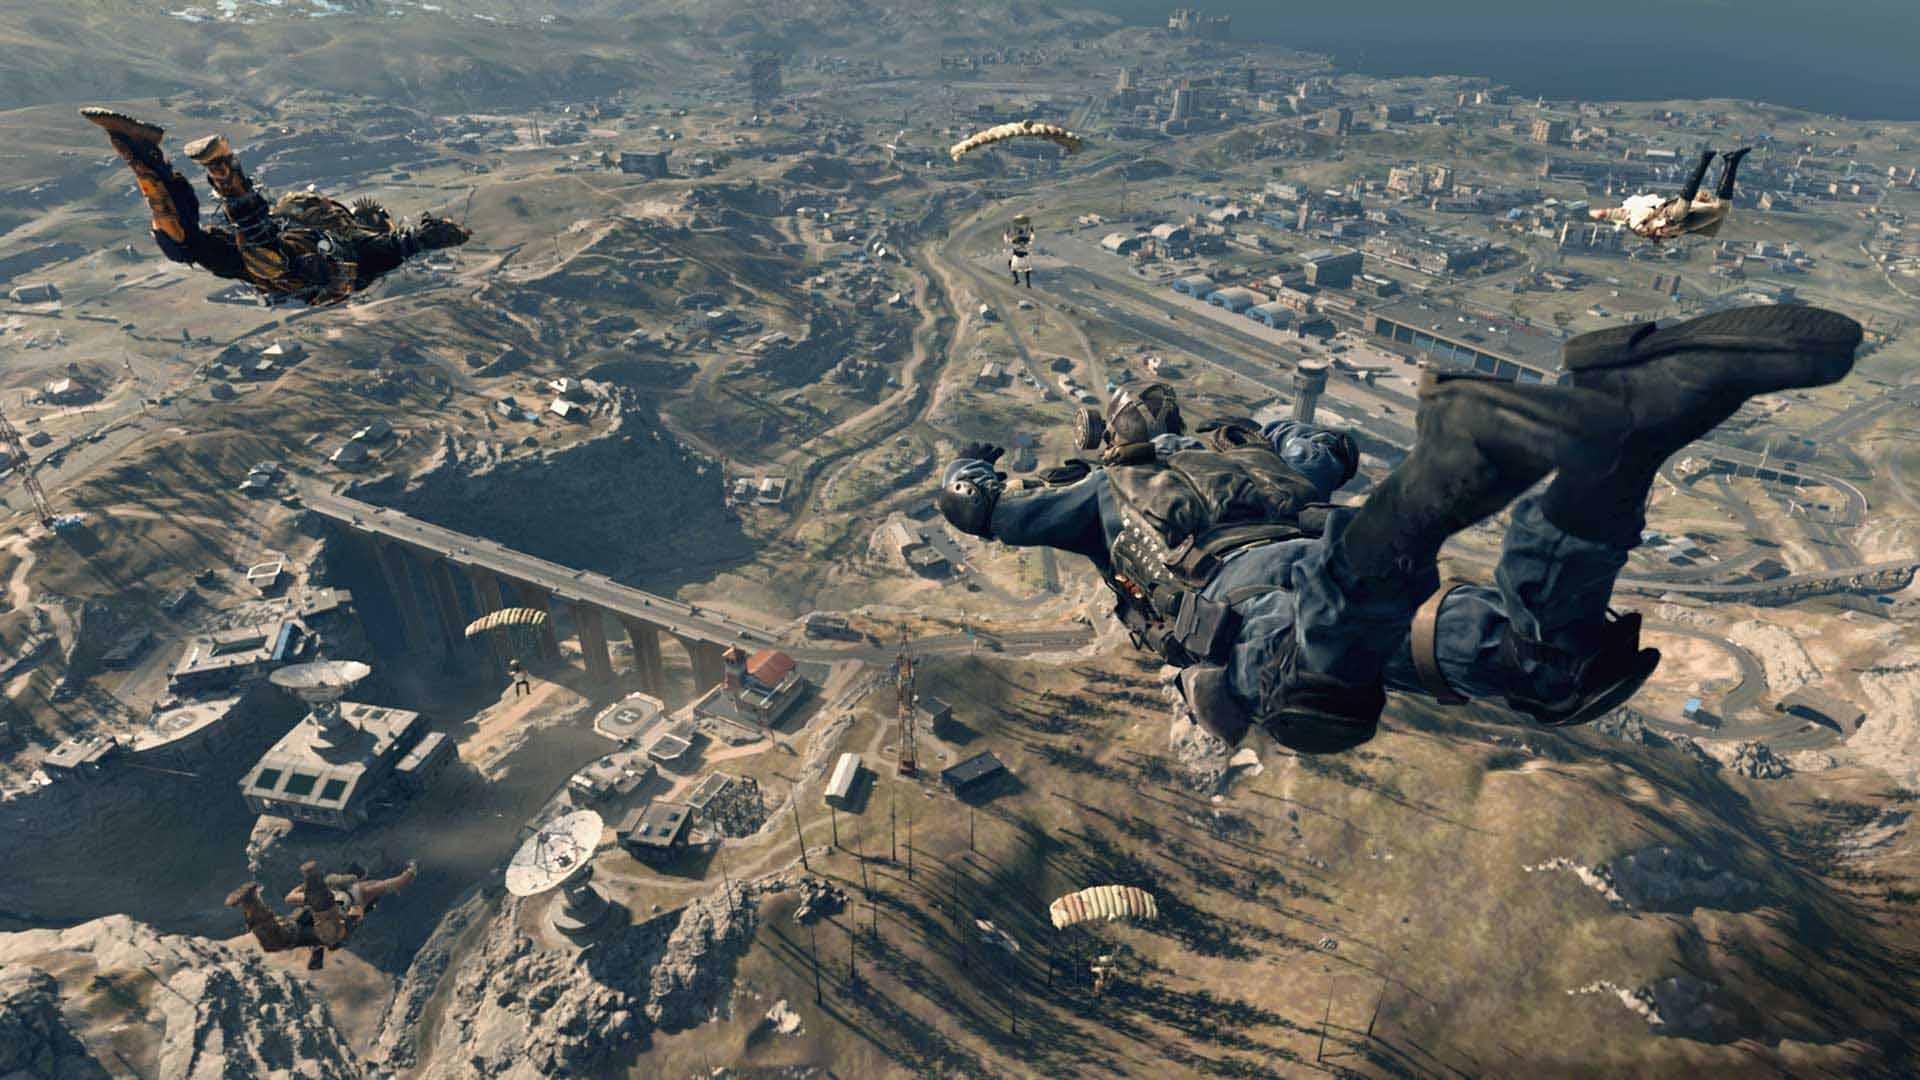 Así es Verdansk, el nuevo mapa de Call of Duty: Warzone ya está disponible 10